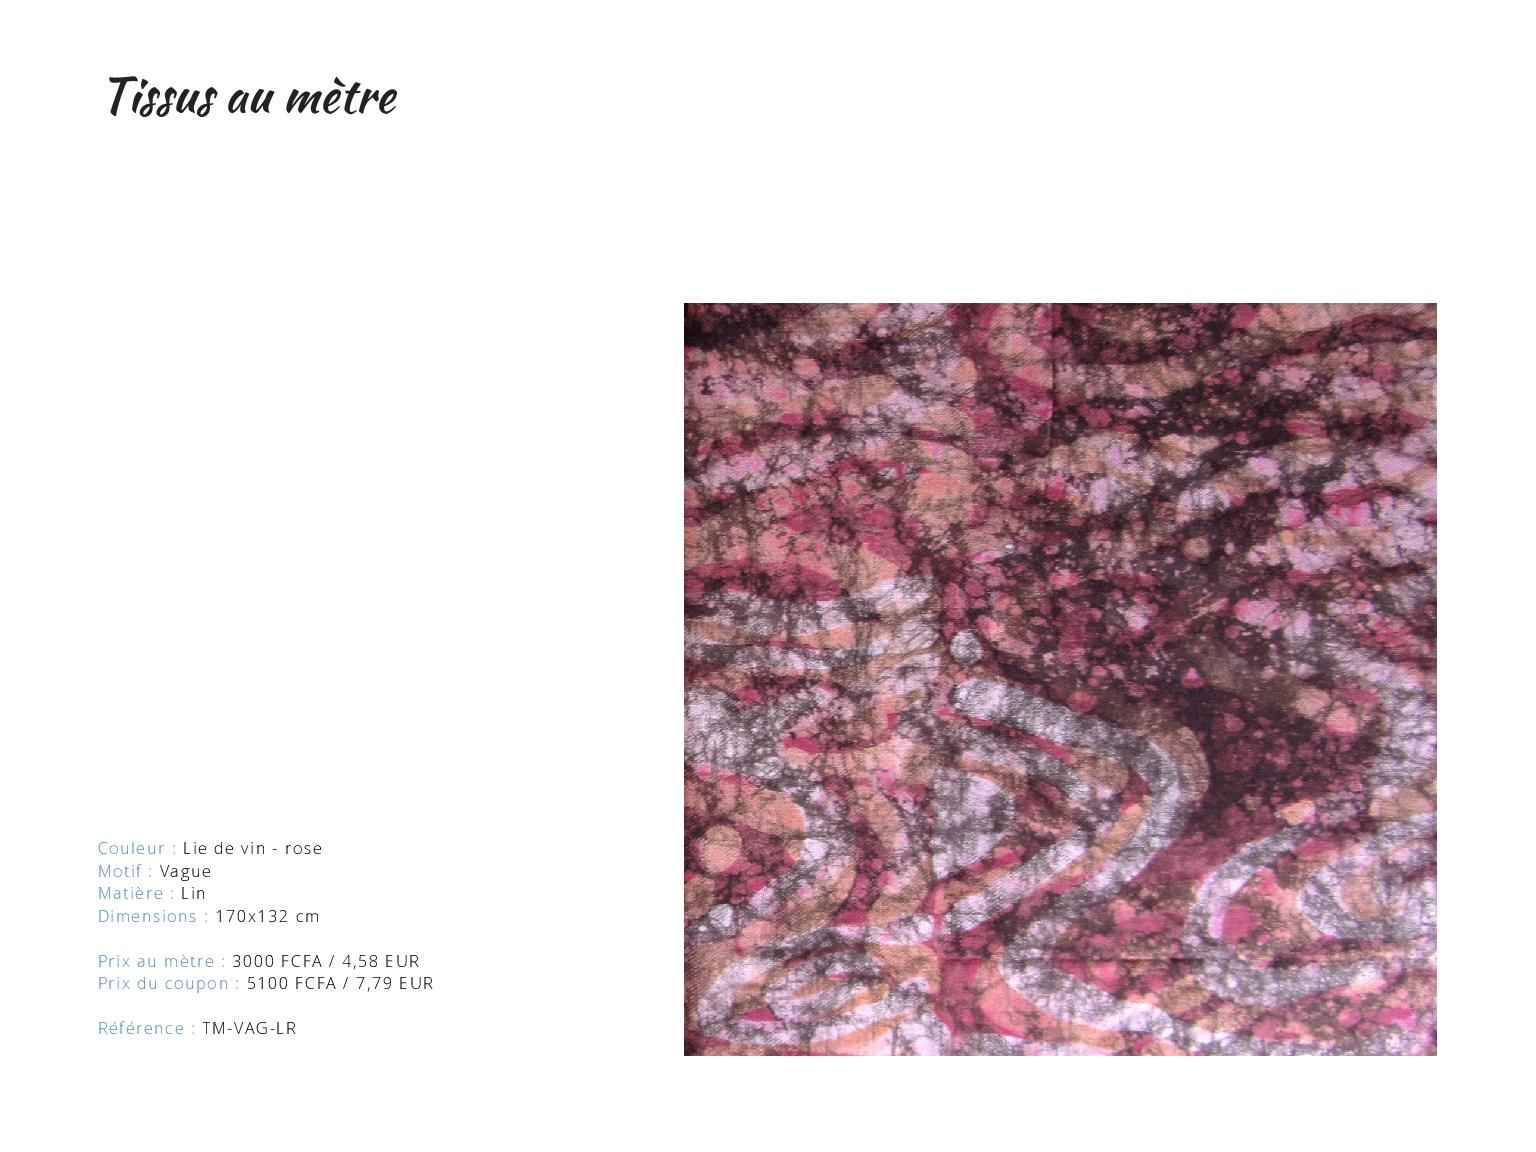 Catalogue-Linge-de-Maison_2018-028